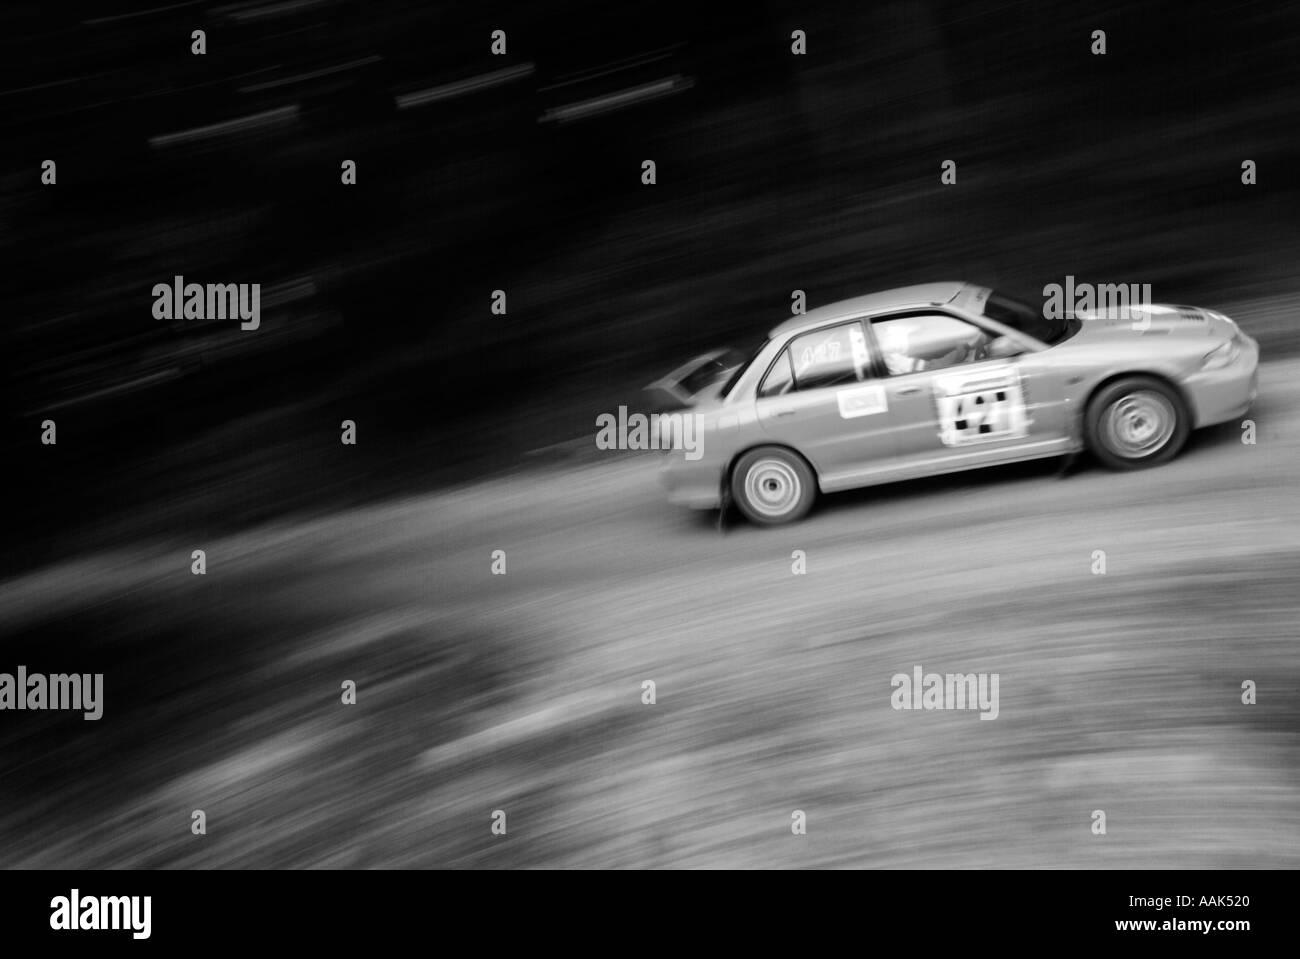 Rallye-Auto-Rallye-Auto Rallye of Straße Geschwindigkeit schnell Schlamm Fahrer Sponsor Sponsoring männliche Interesse Dalby Forest ich Stockbild